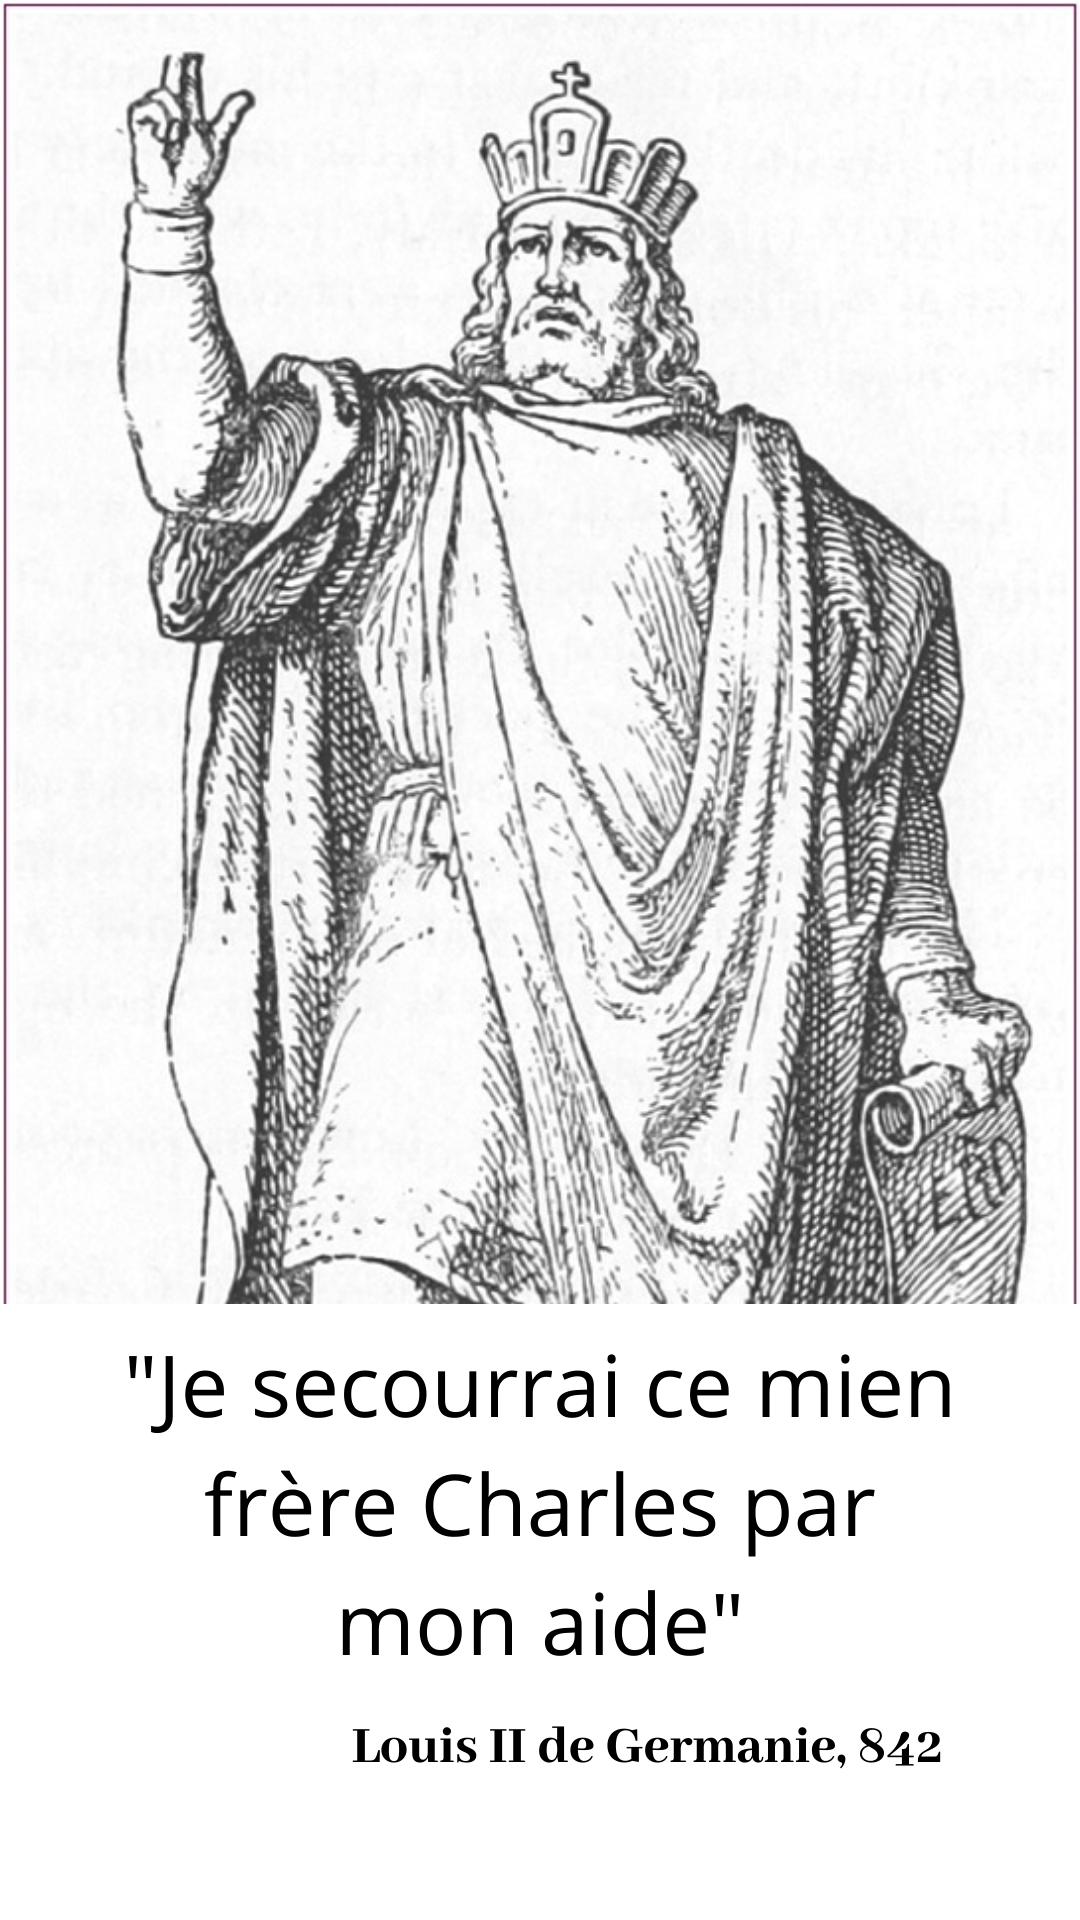 14 Fevrier 842 Serments De Strasbourg En 2020 Danse Latine Citations Historiques Histoire De France